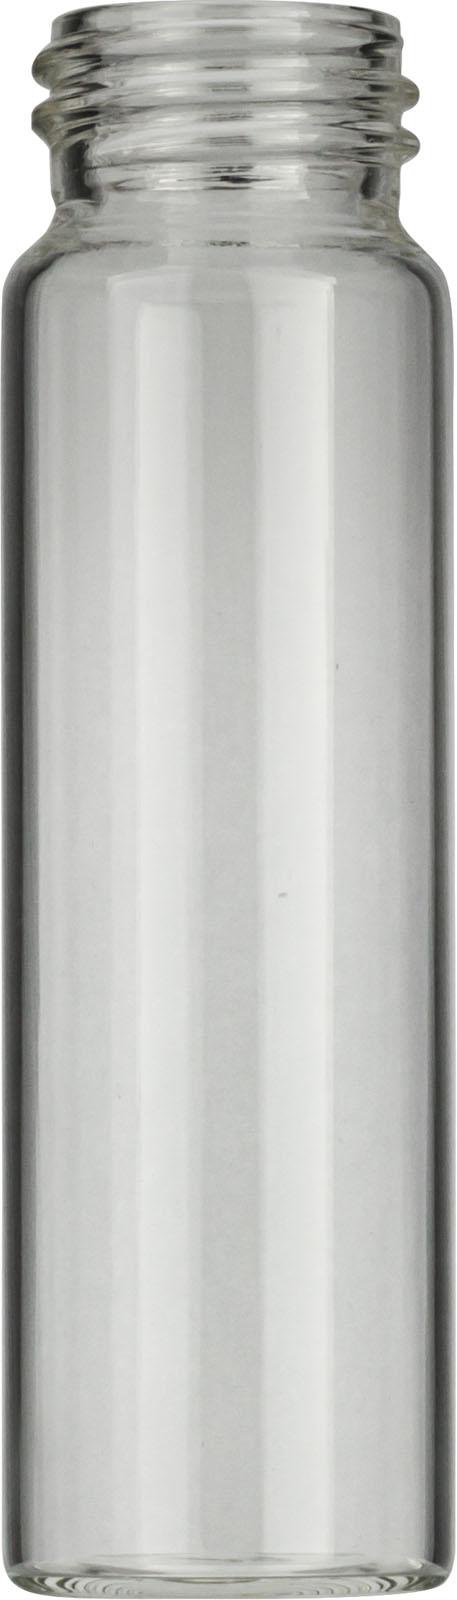 Vial N24-40, GW, k, 27,5x95, flach